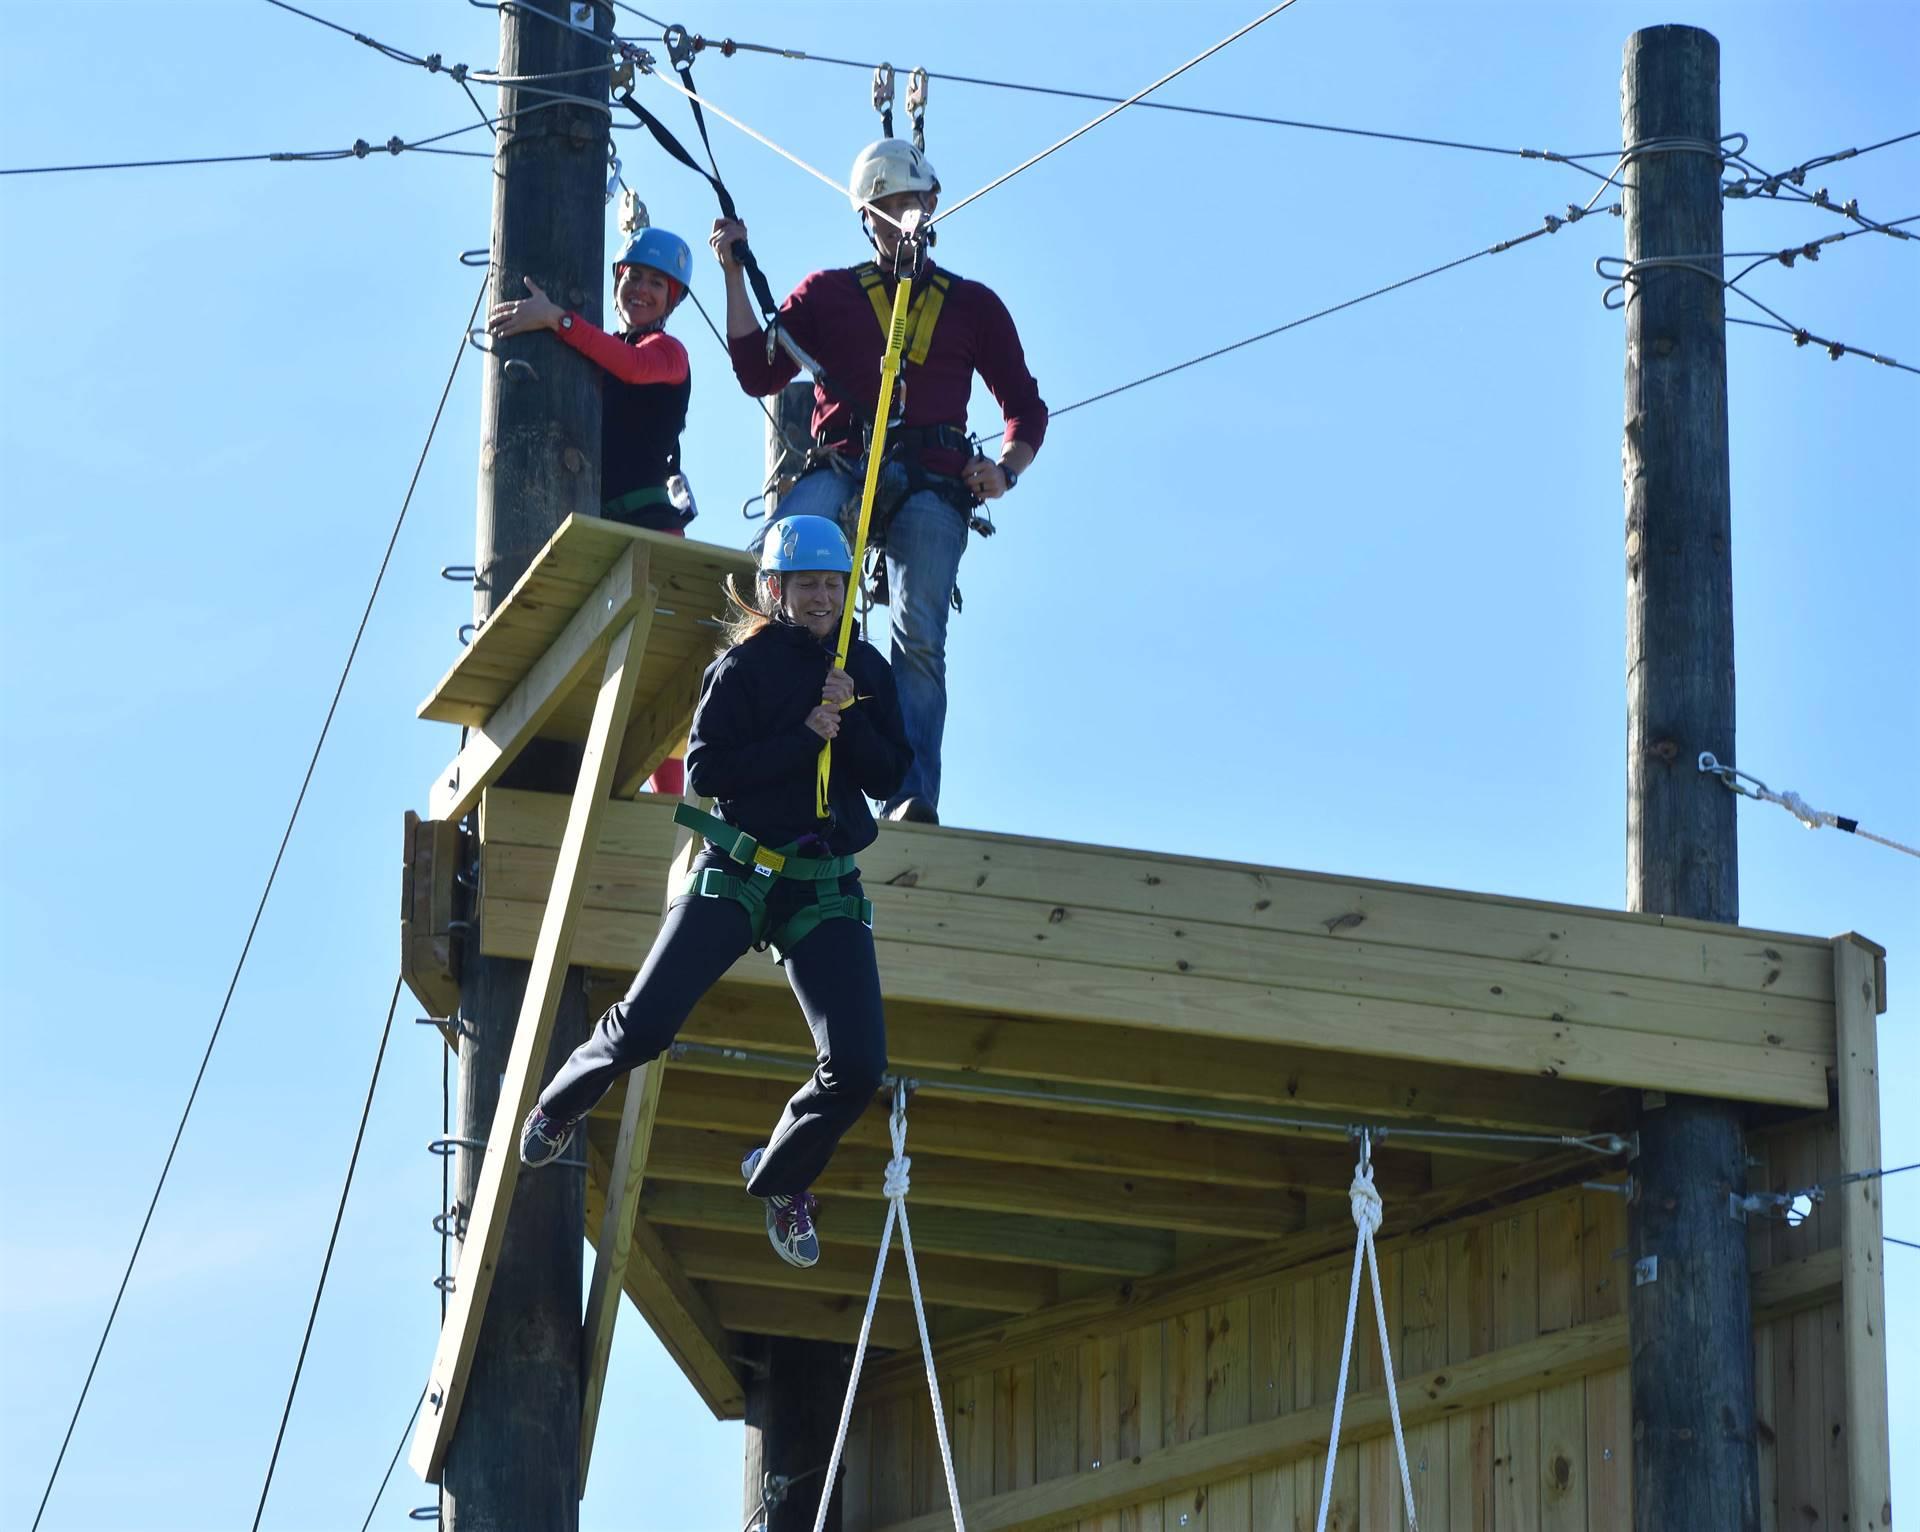 Climbing tower with teacher zip lining